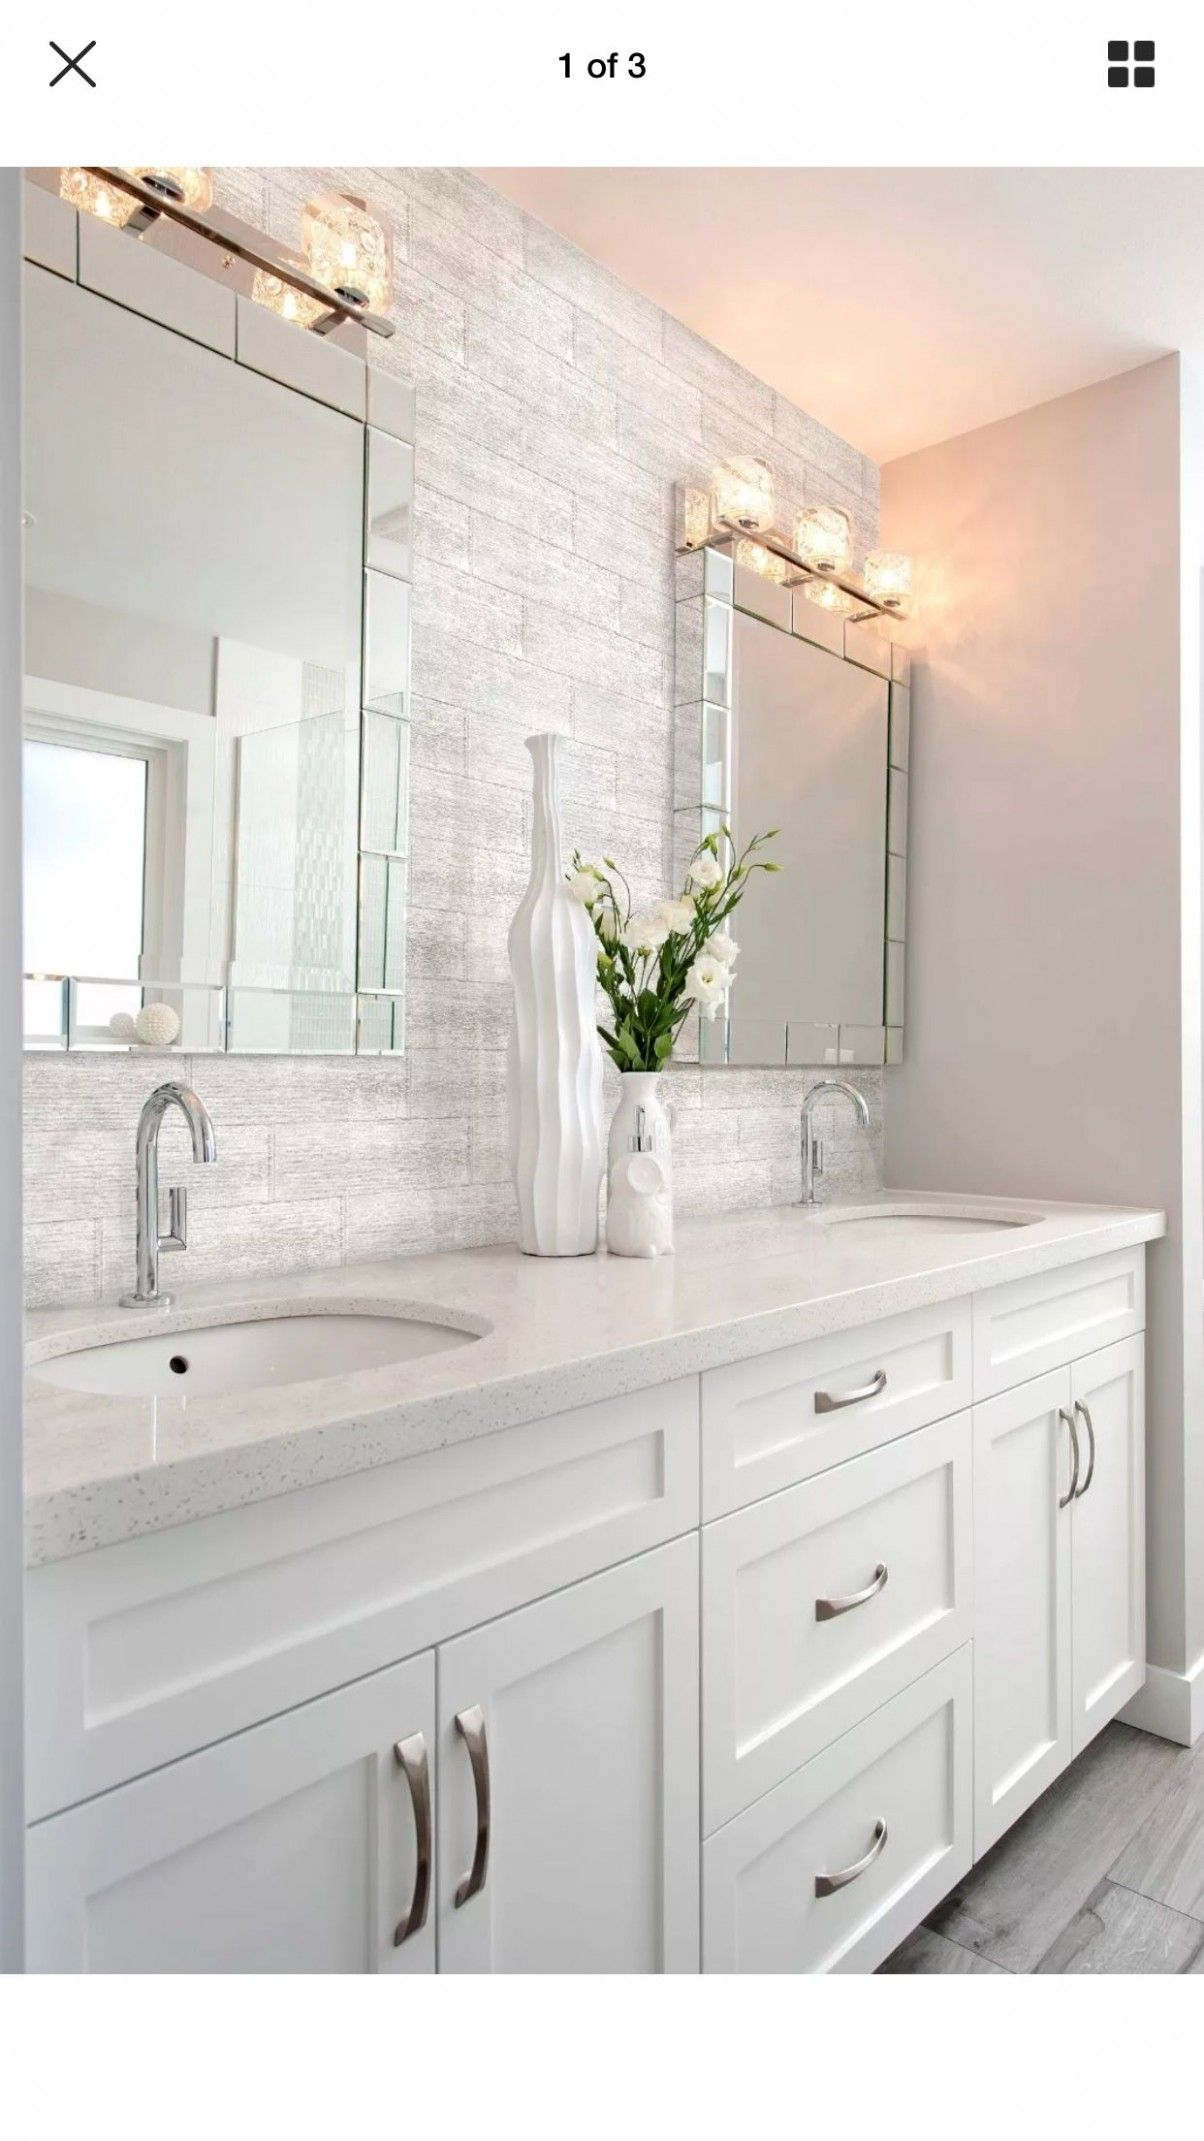 Double Sink Bathroom Ideas In 2020 Bathroom Vanity Designs Double Vanity Bathroom Bathroom Design